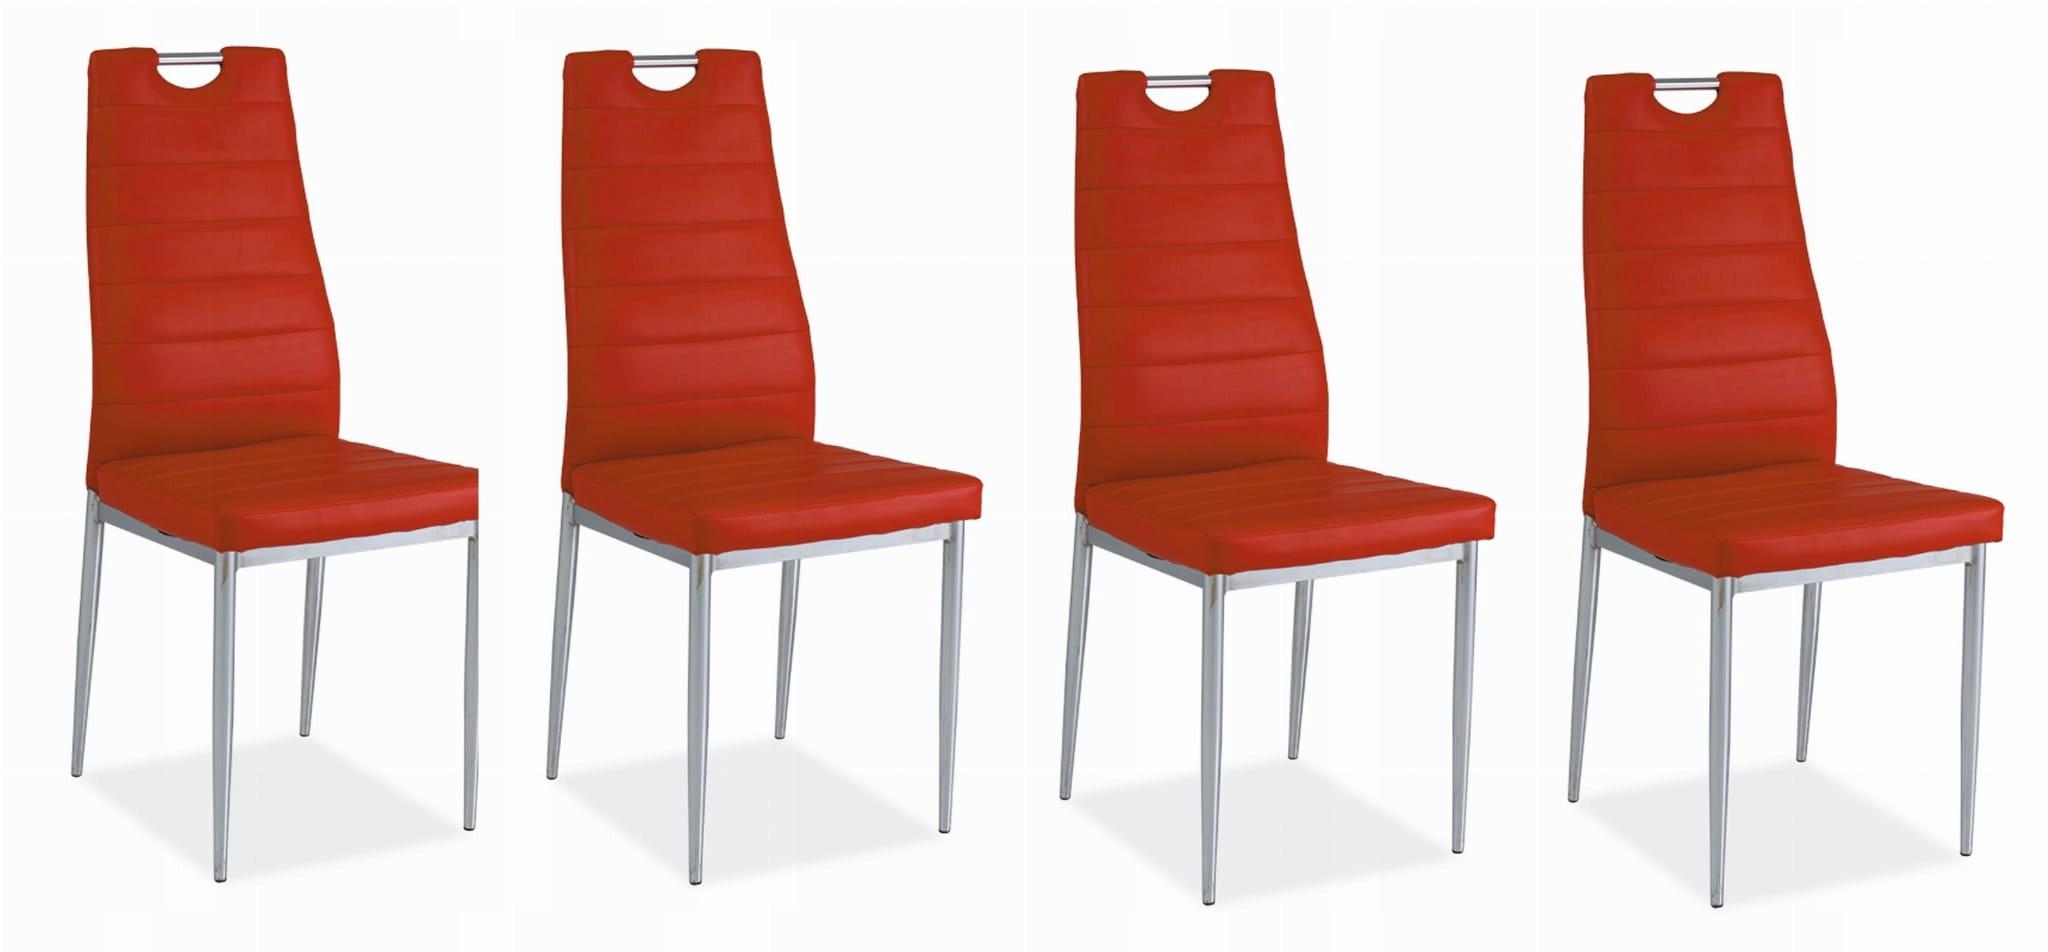 Stolička H260 4 Ks červená, koženka/ chrome